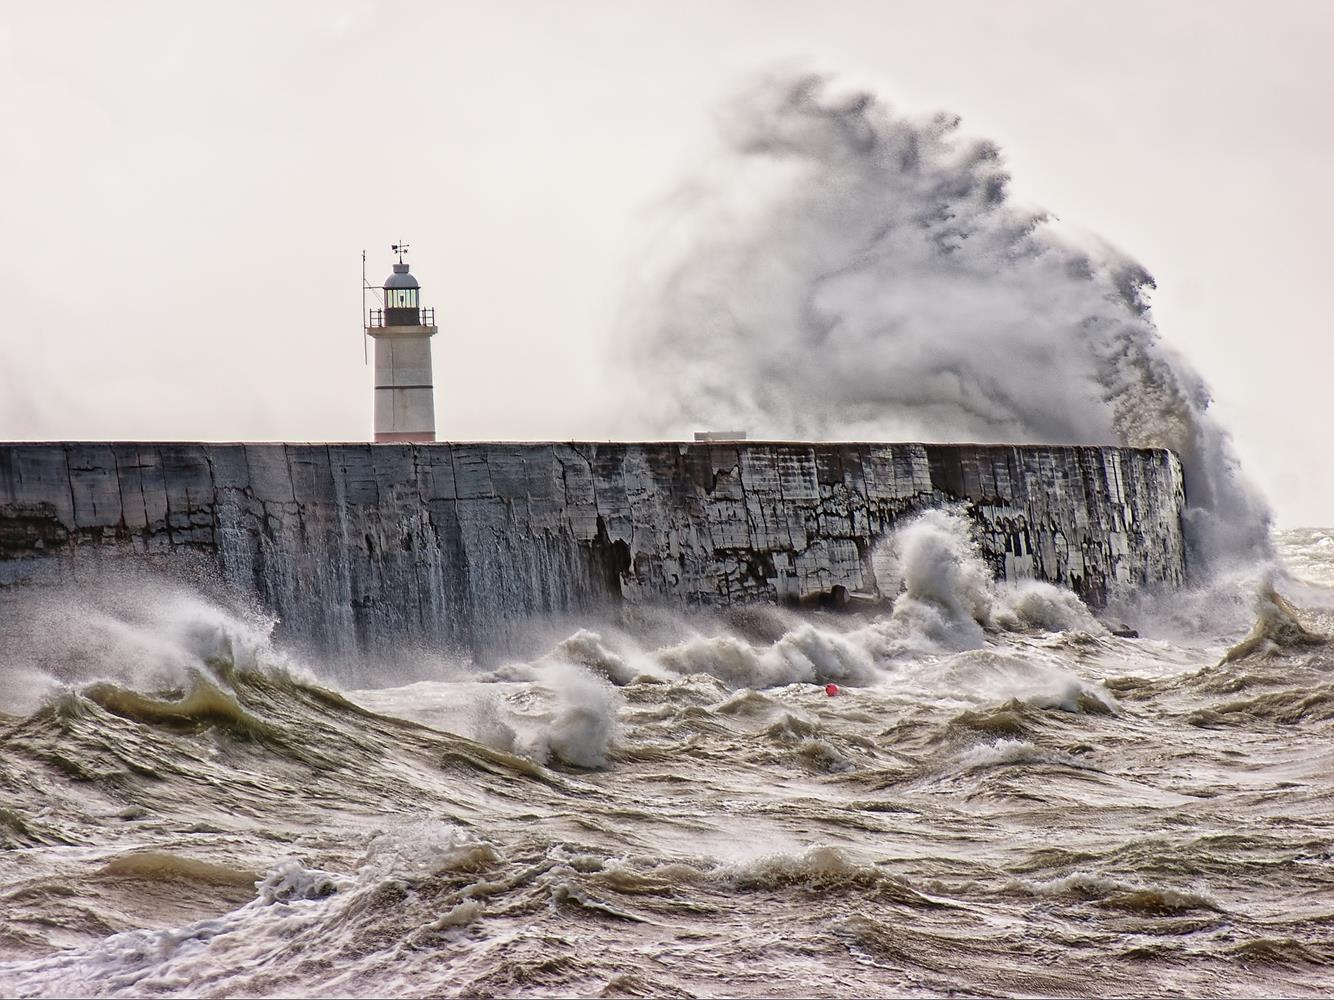 sea morze sztorm pogoda wiatr